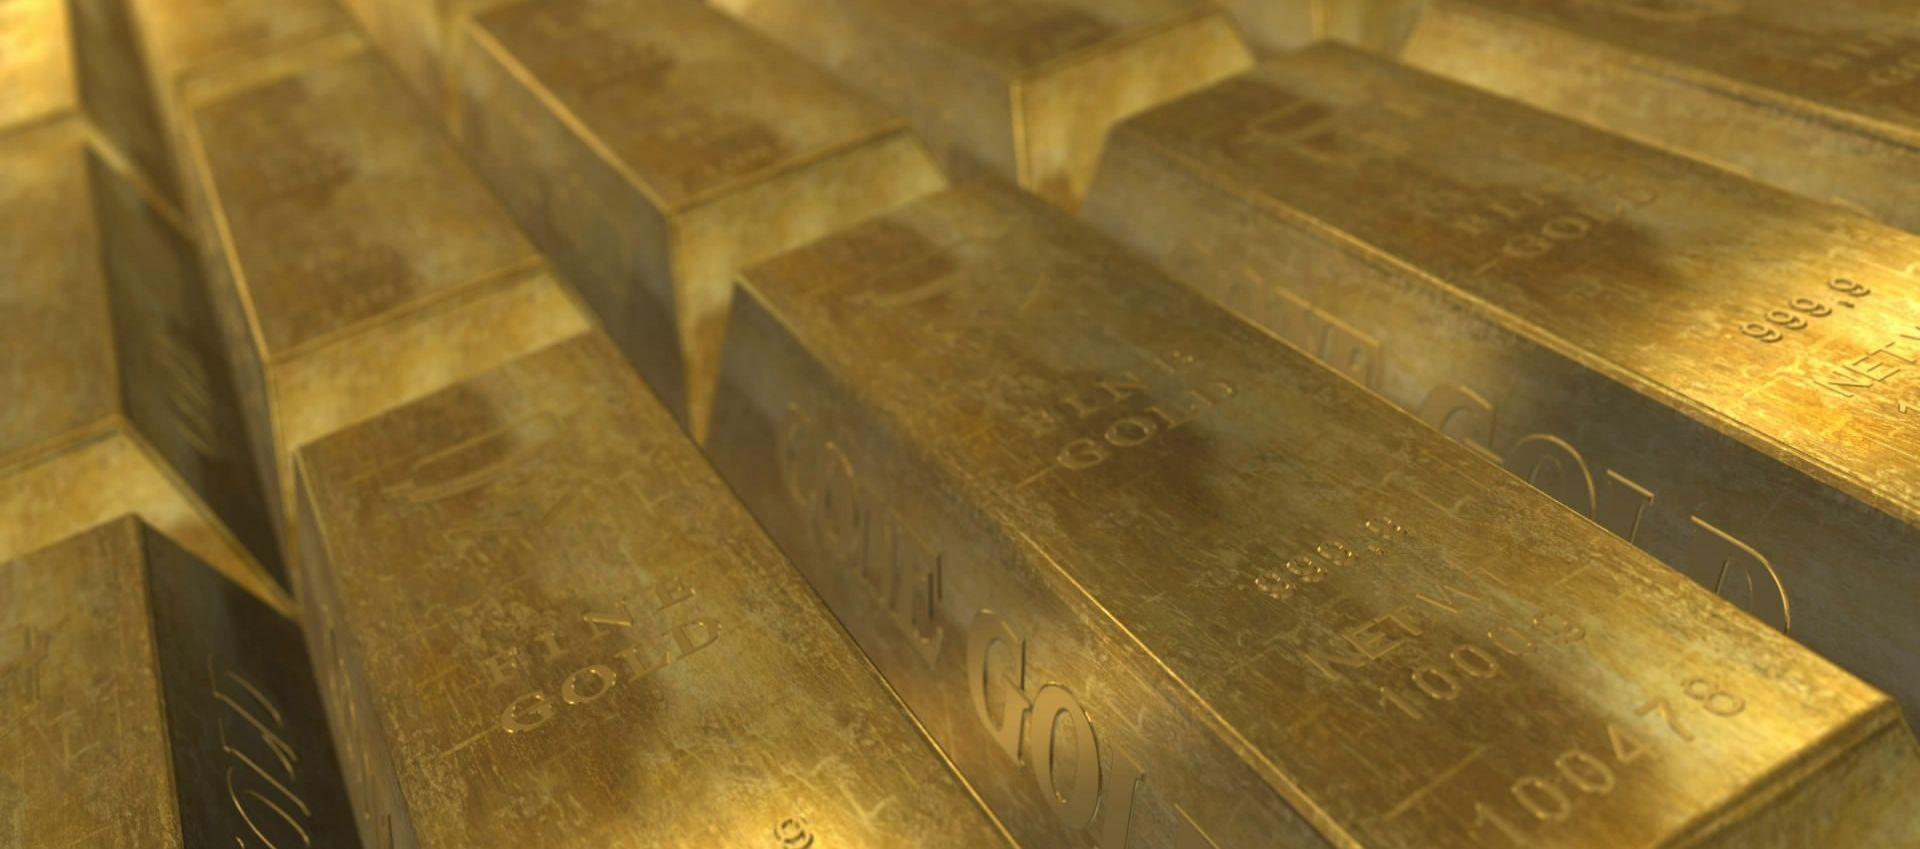 POLJACI UPOZORAVAJU Nacistički vlak pun zlata vjerojatno je miniran